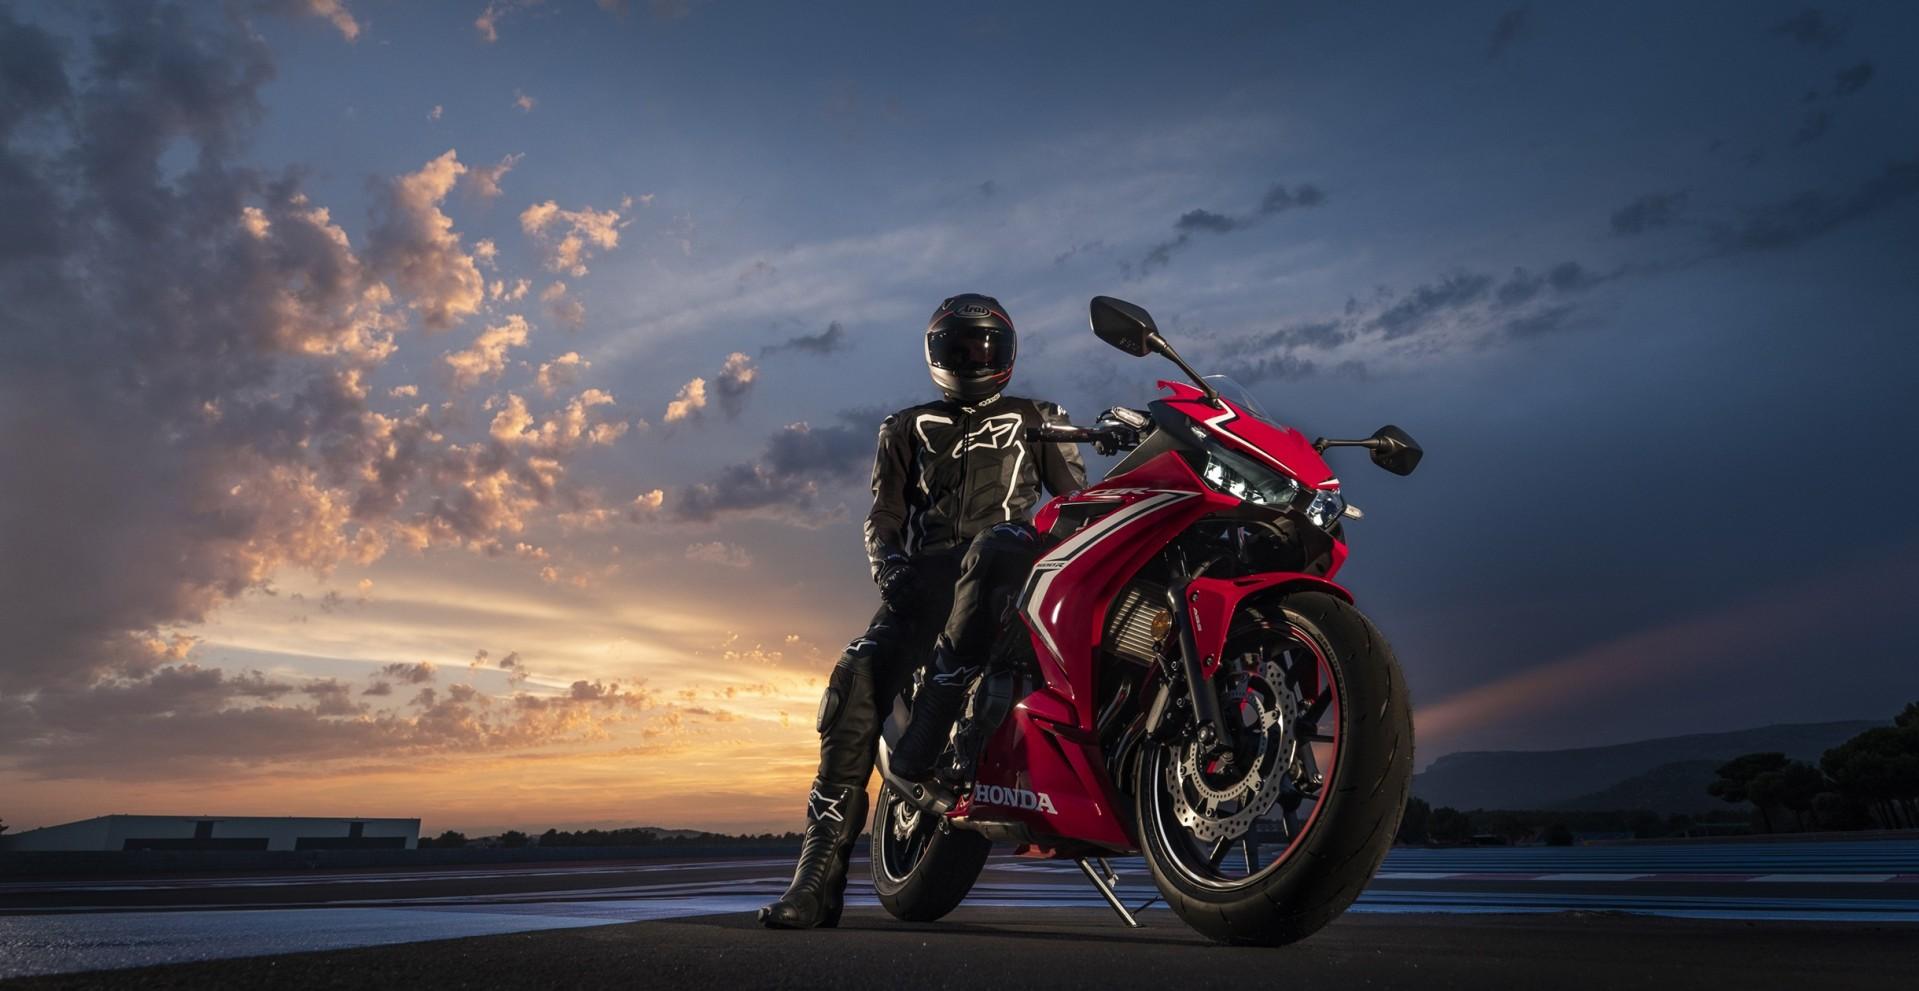 CBR500R : dès le permis A2, vous pouvez rouler sur une moto aux allures de grande